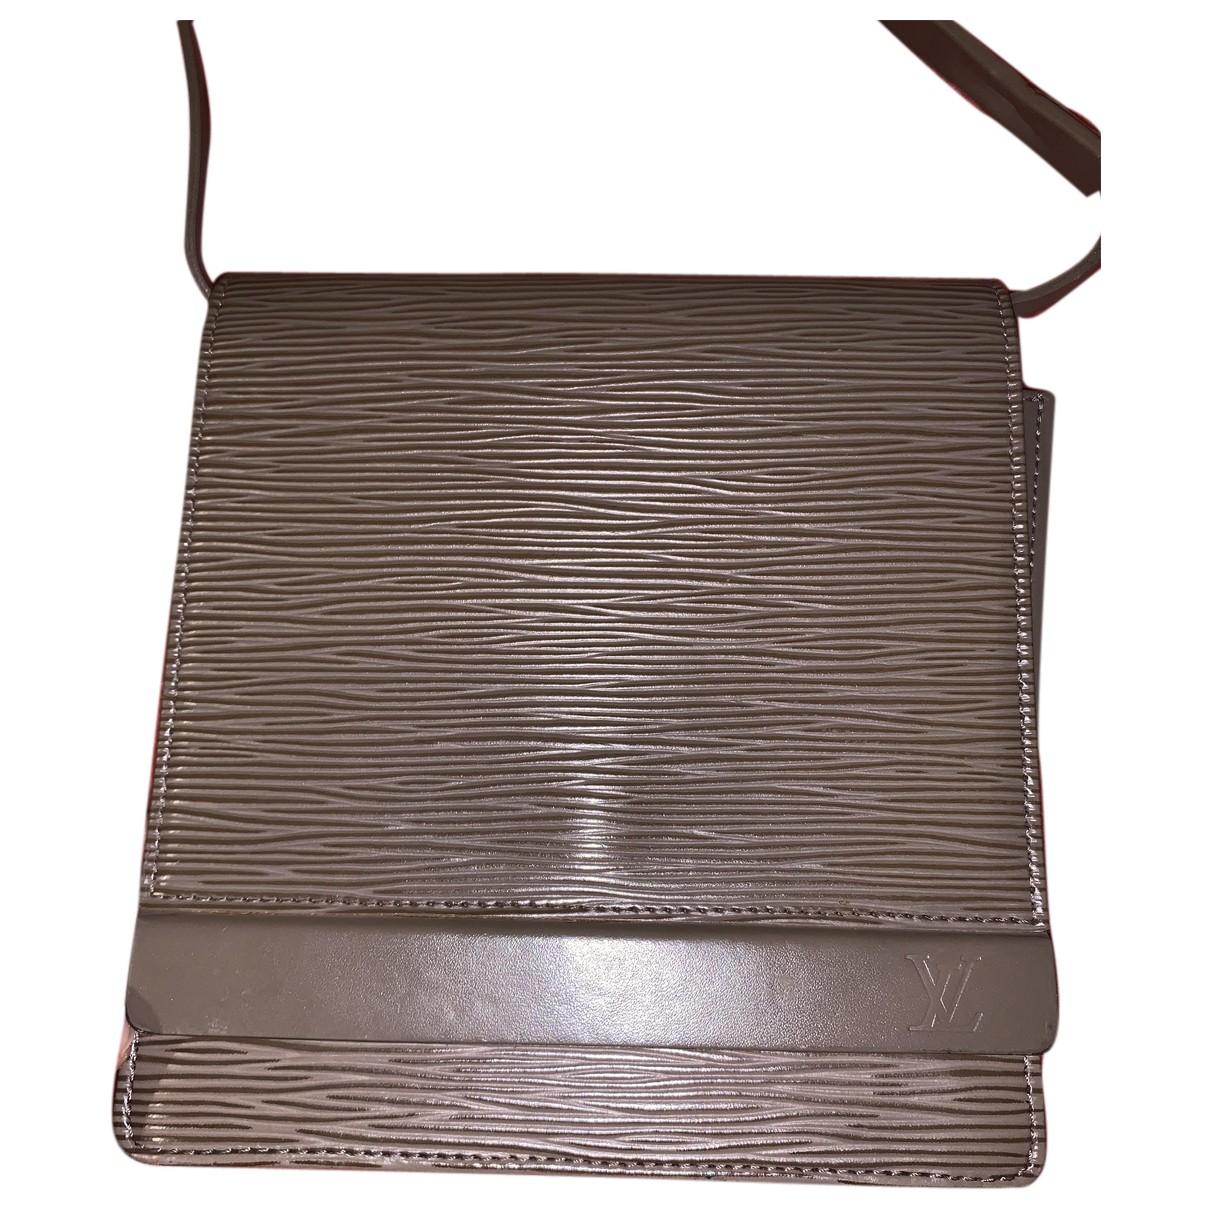 Louis Vuitton \N Clutch in  Grau Leder